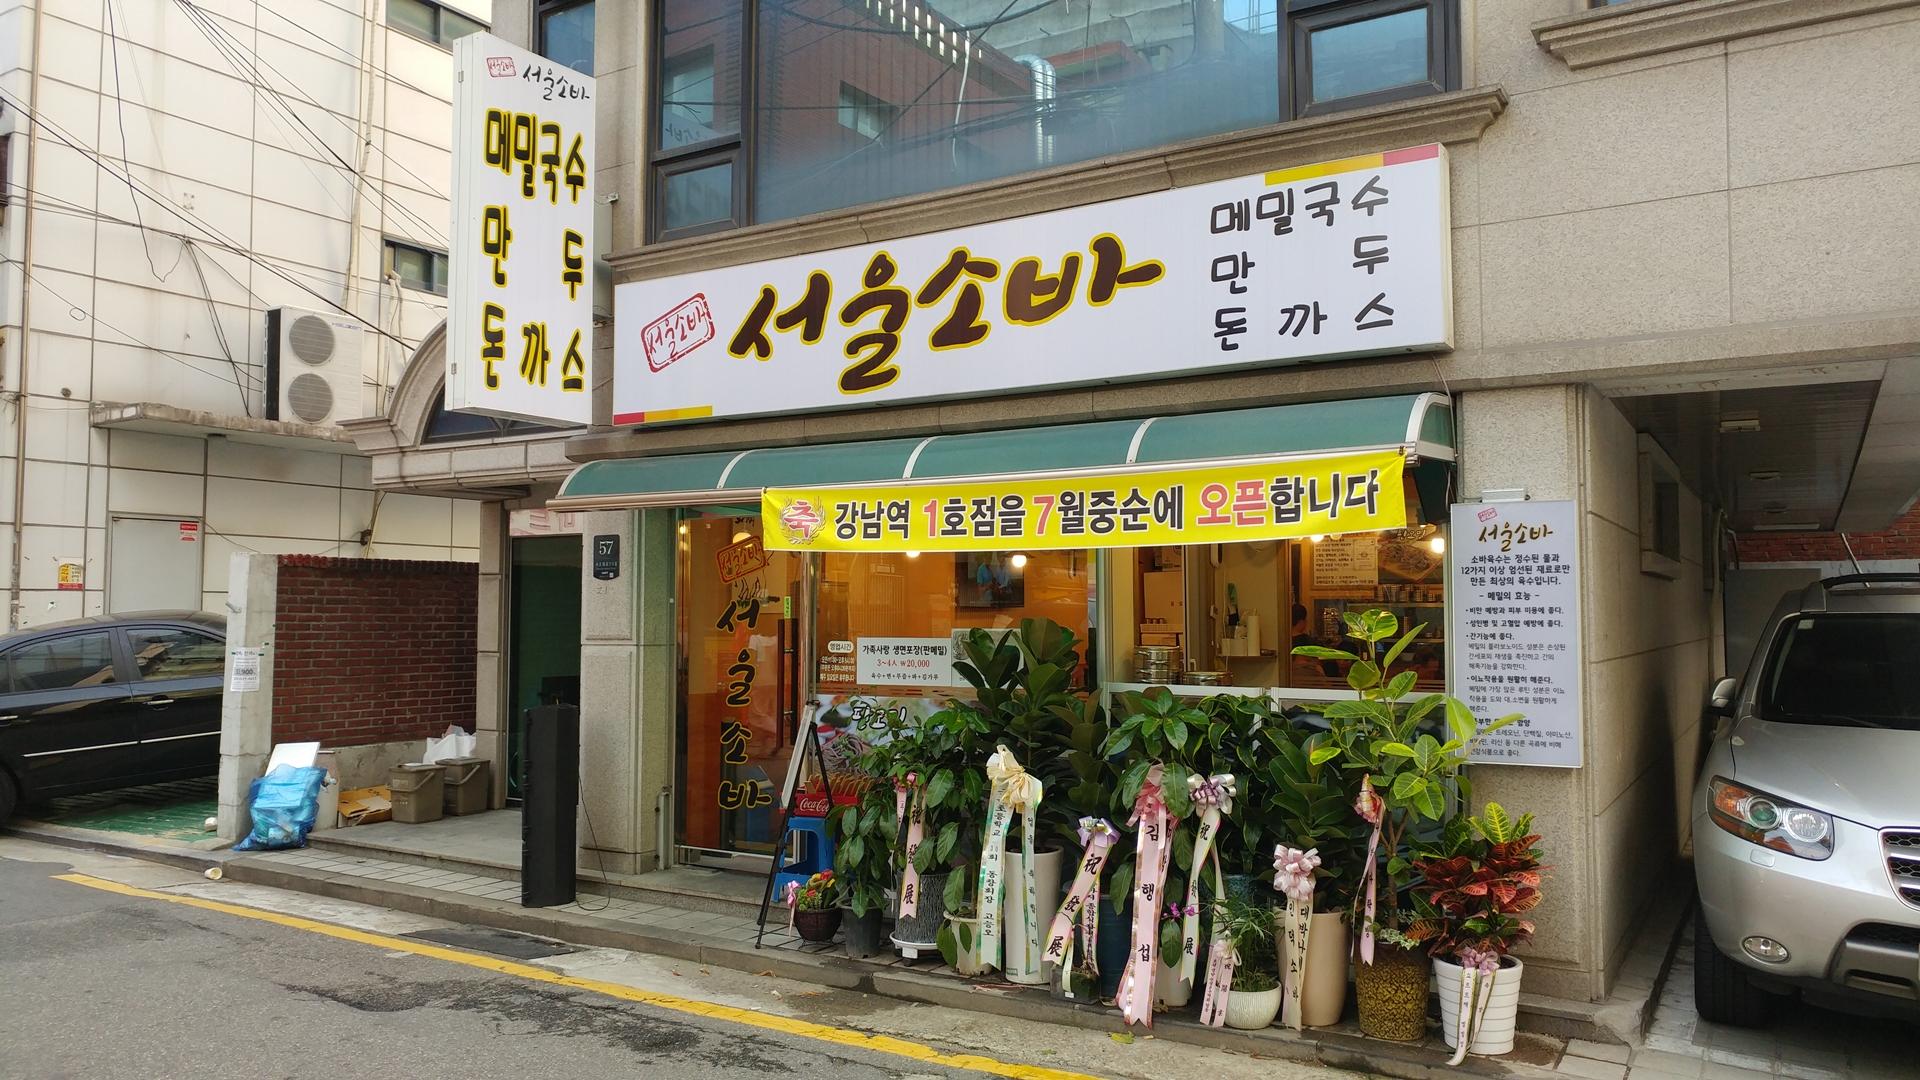 [방배동] 서울소바 - 소바집인데 왜 만두가 더 ..